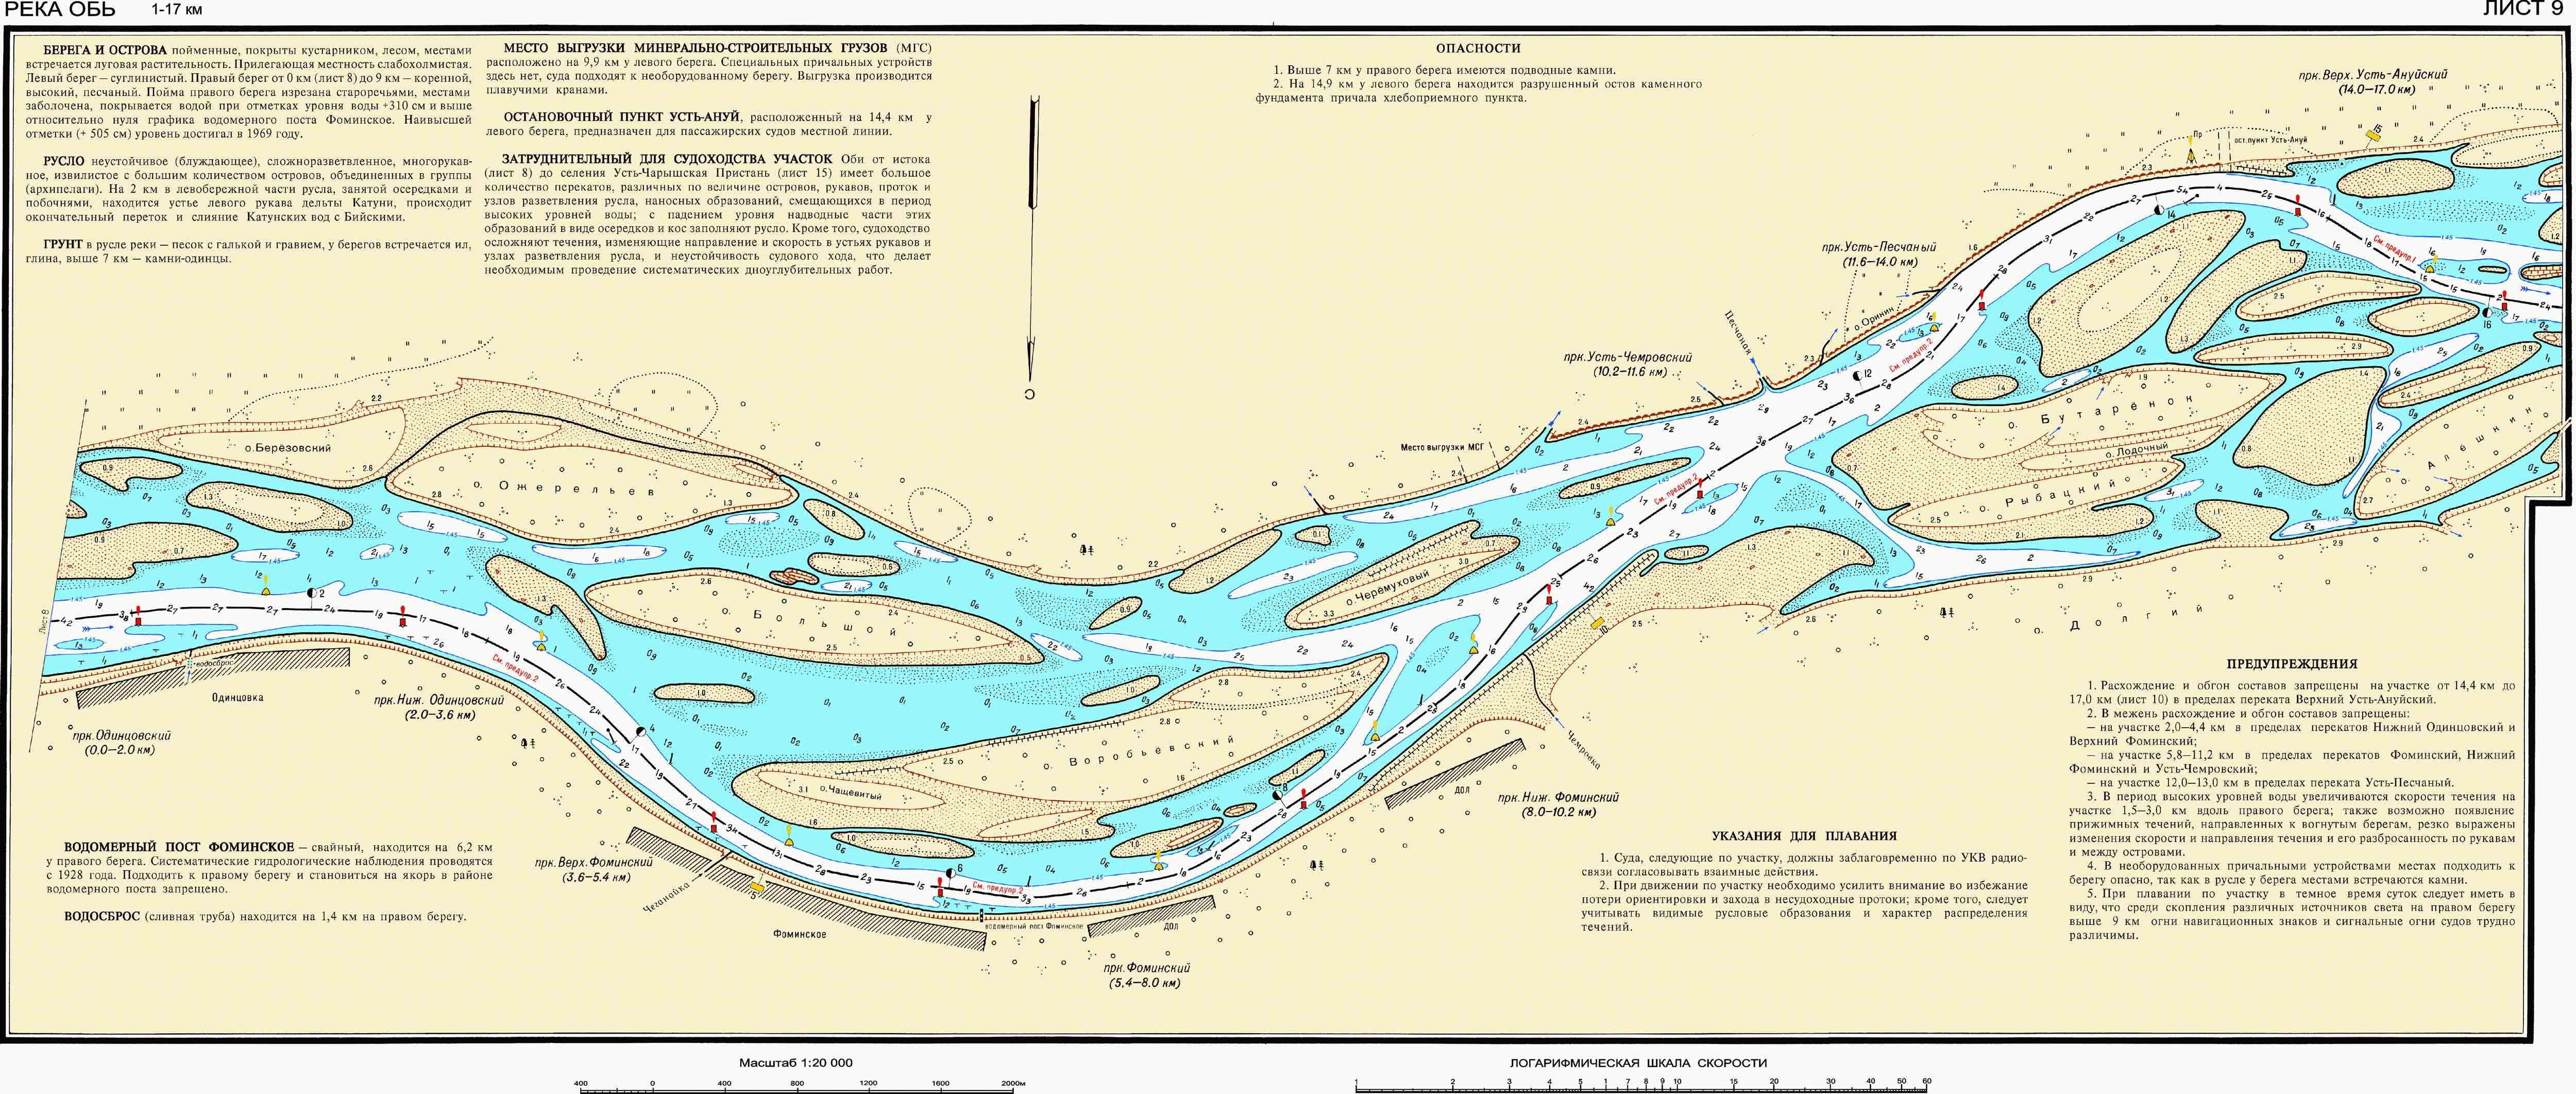 Река амур от истока до устья на карте мира, история, флора и фауна